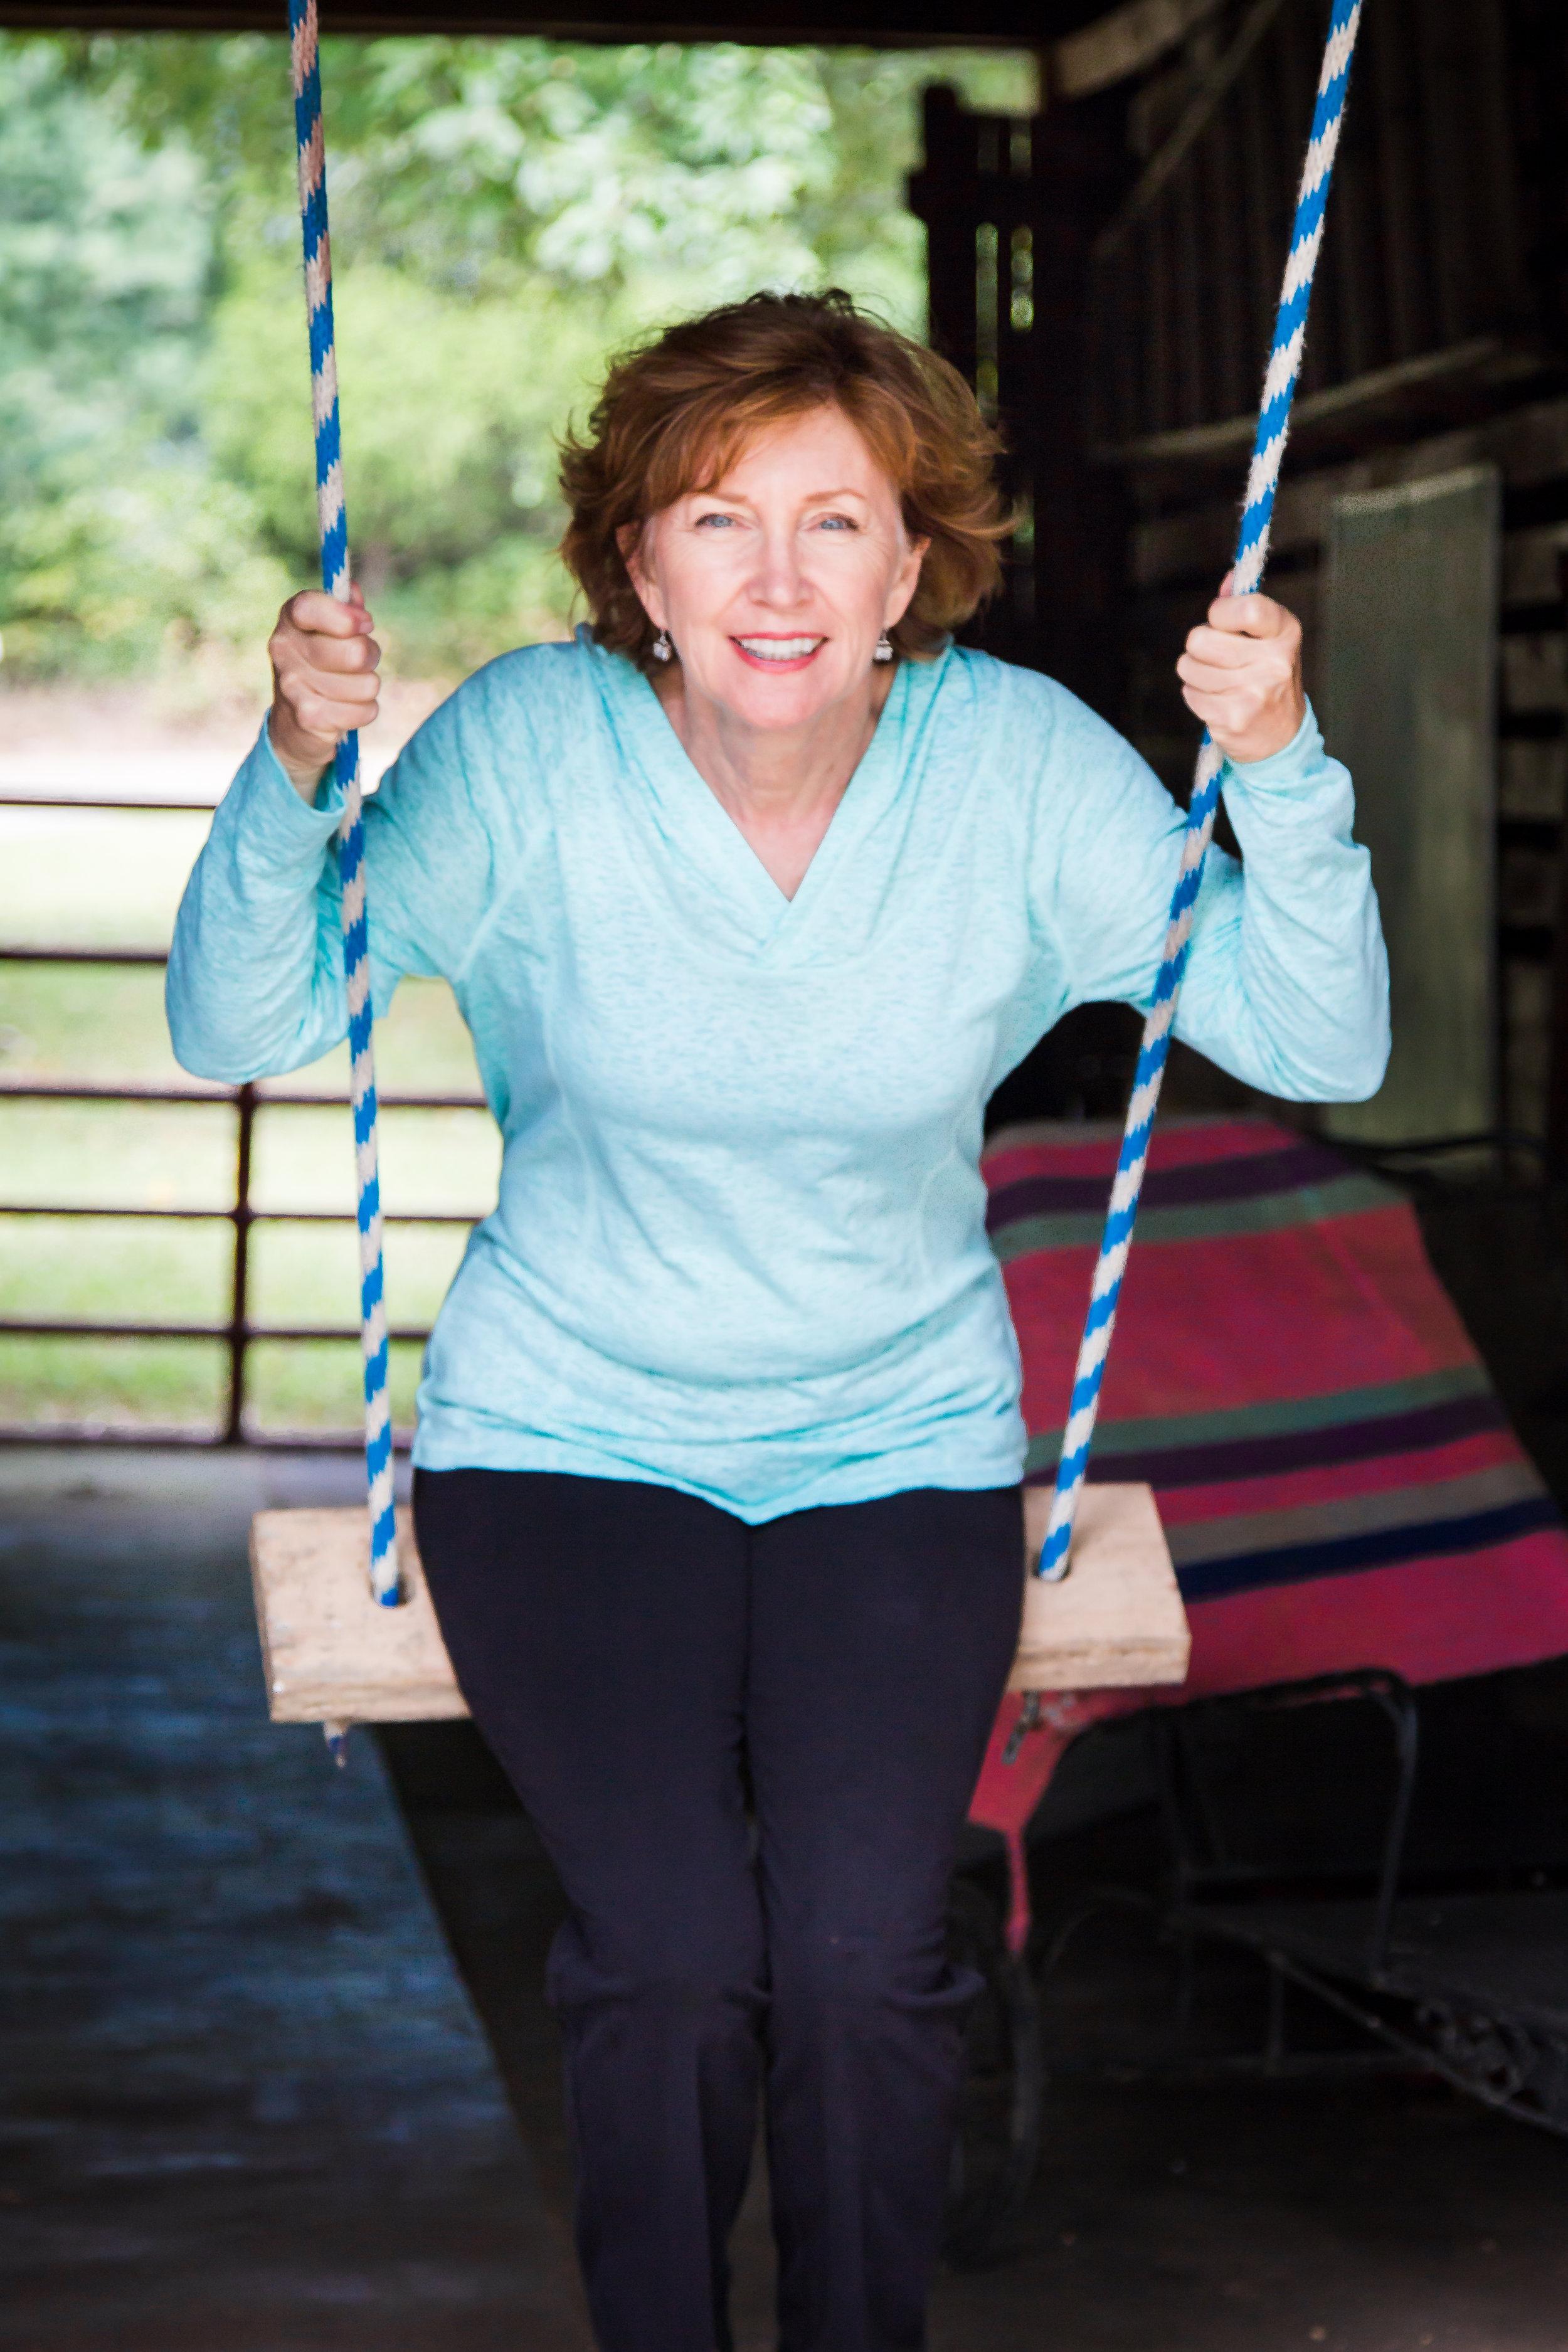 Glenda having fun!